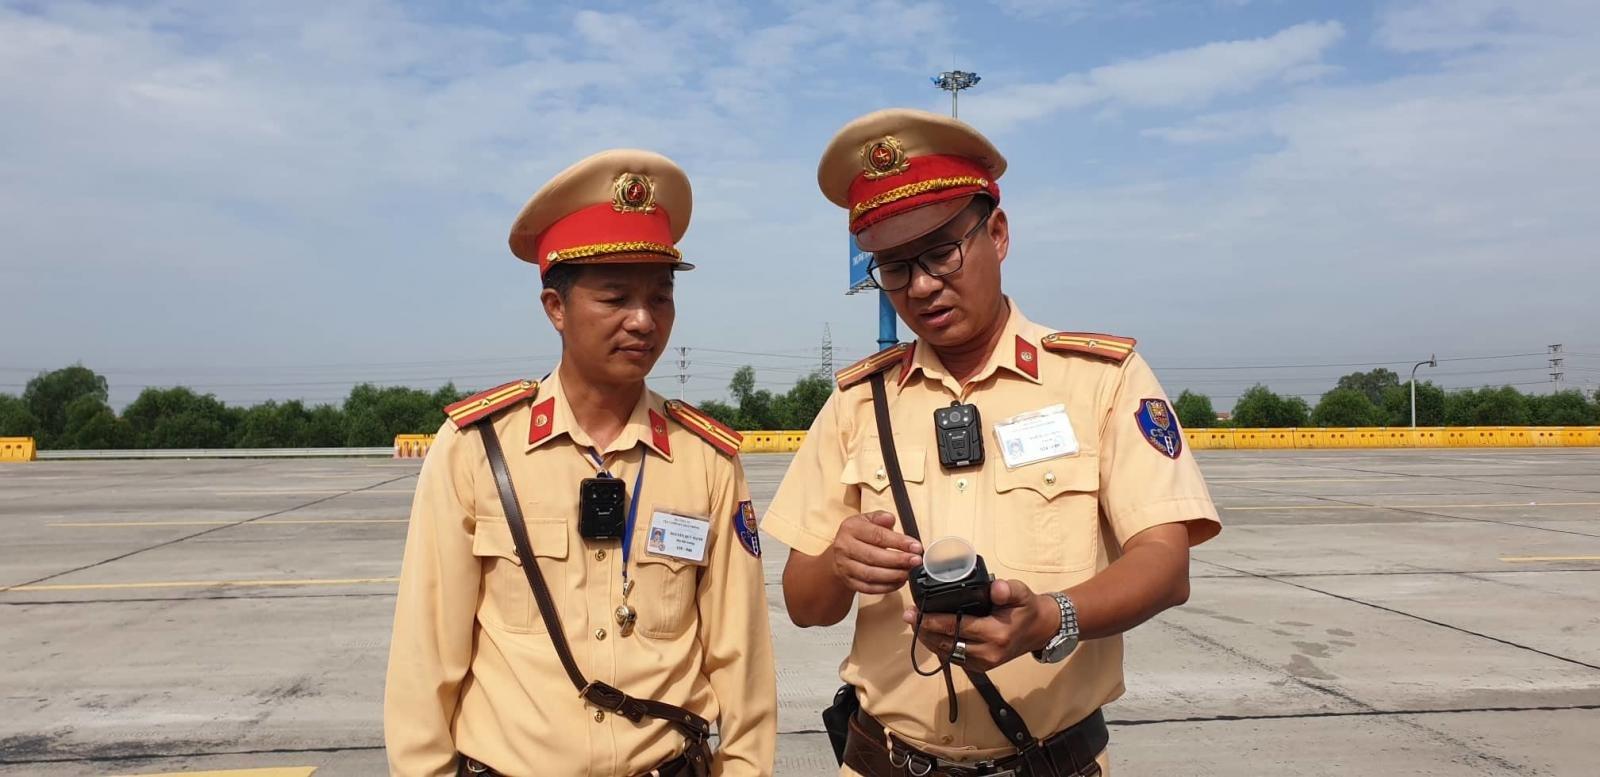 CSGT thử nghiệm gắn camera trước ngực ngay trong ngày ra quân kiểm tra đầu tiên 2a